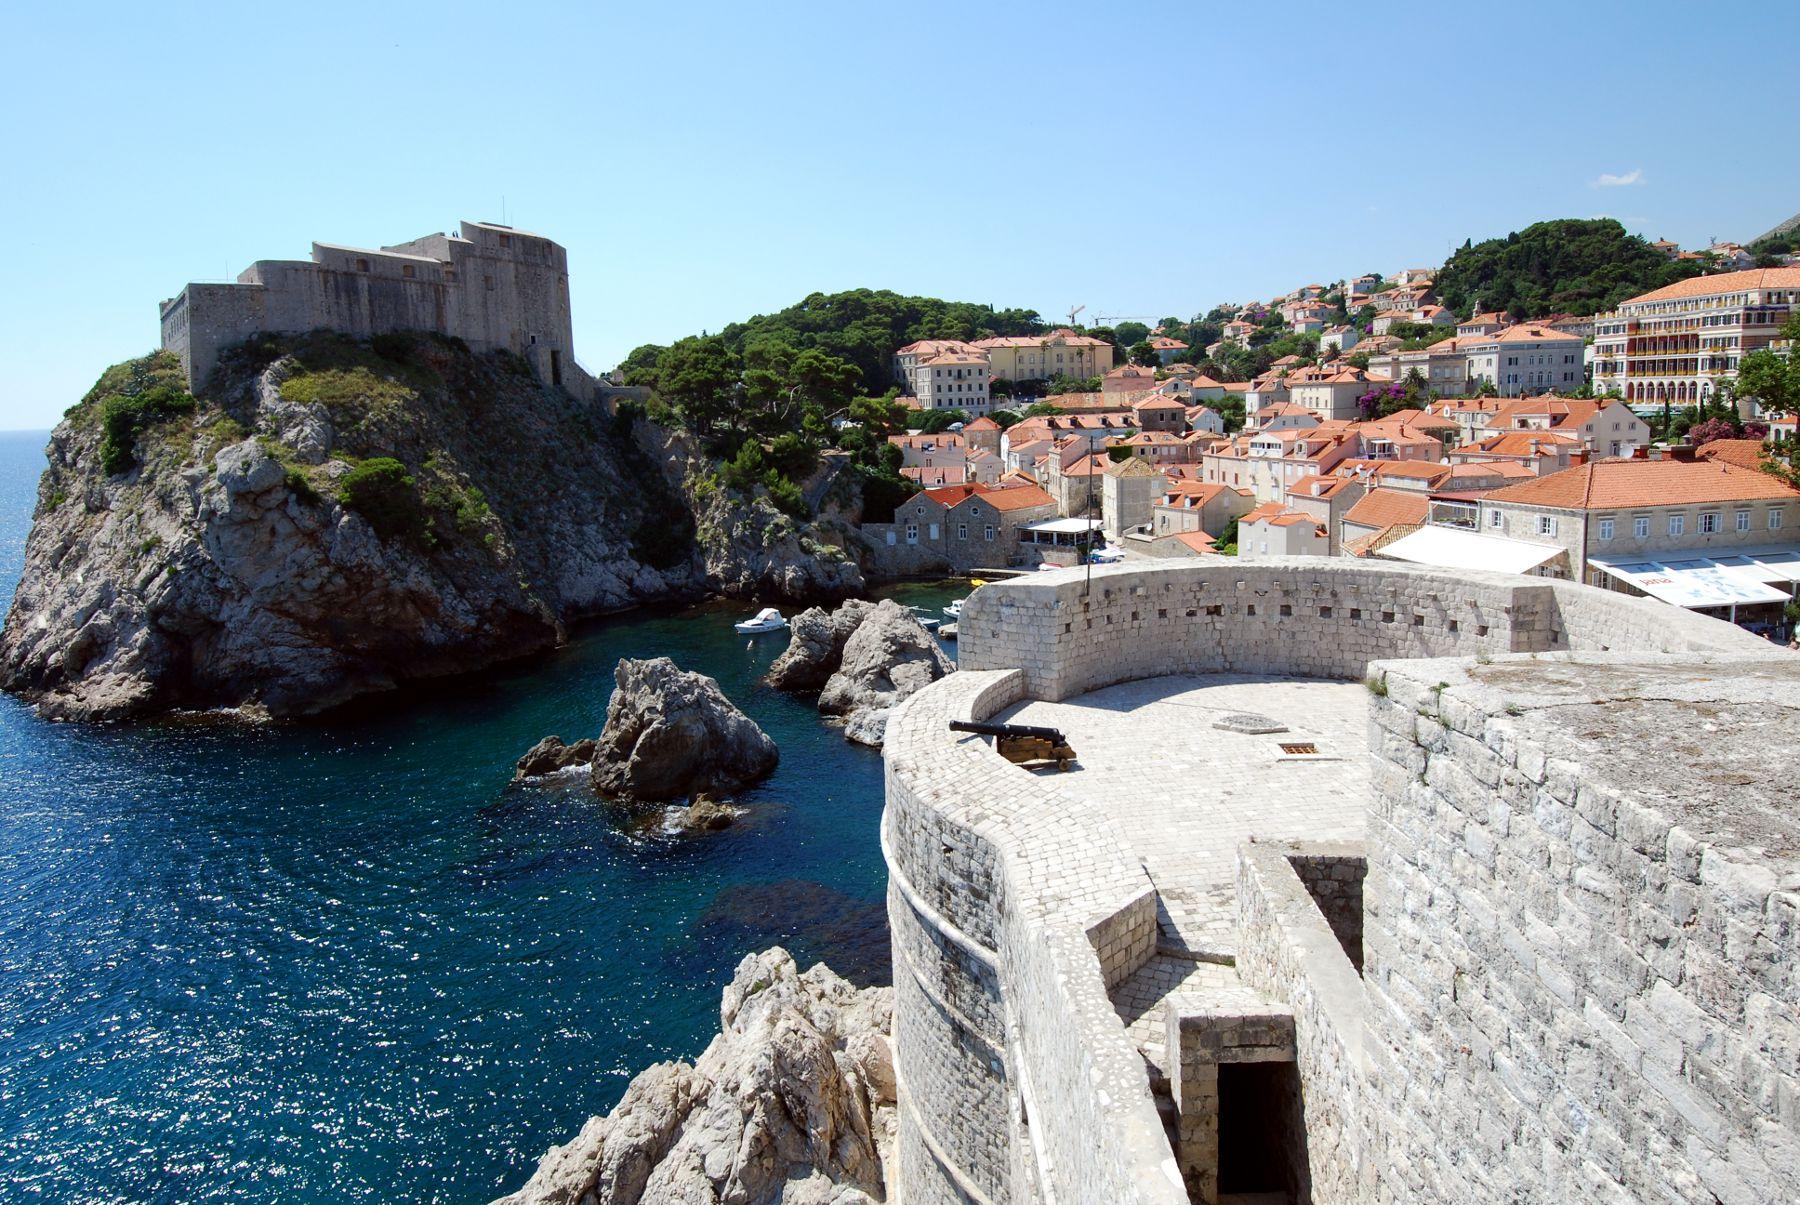 Walls of Dubrovnik, landmark terkenal di Dubrovnik, Kroasia.